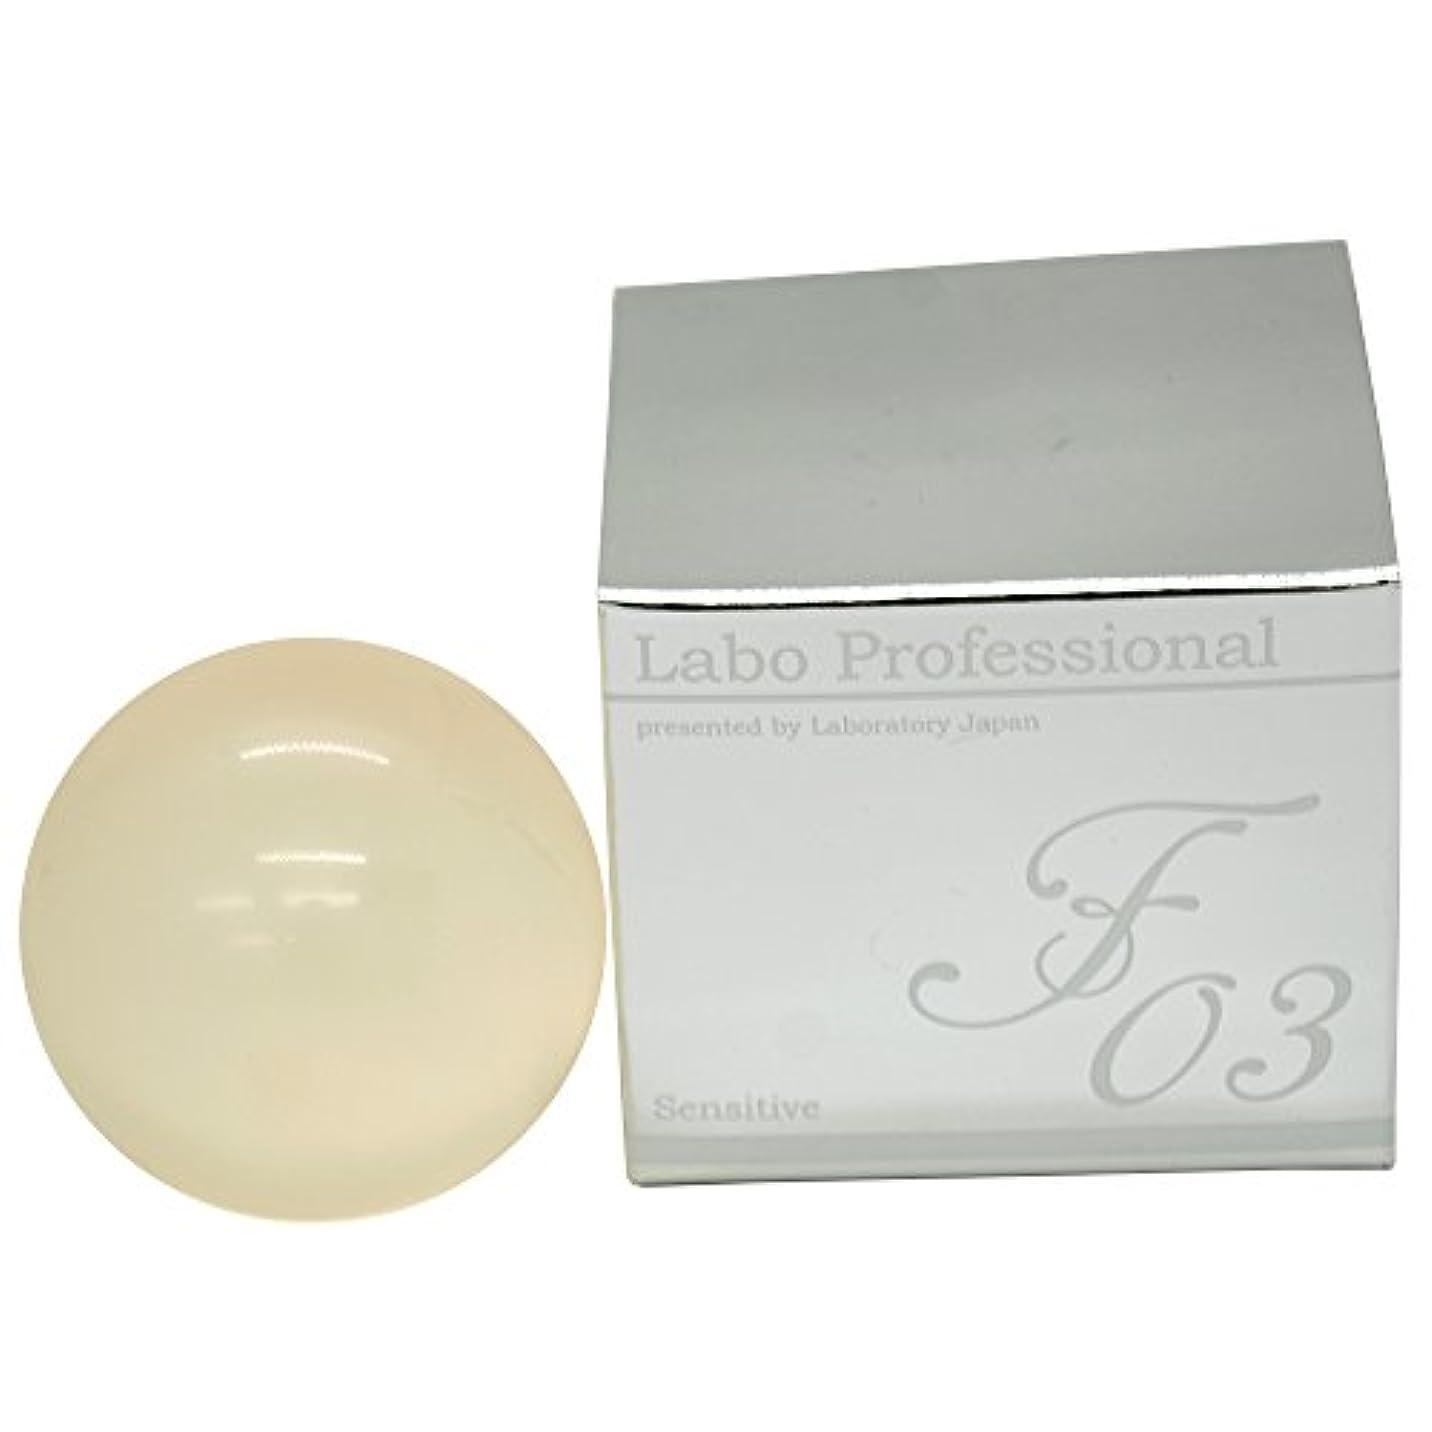 うめきひいきにする冷凍庫日本製【真性フコイダン配合】赤ちゃんから使える 敏感肌向け美容石鹸 Labo Professional F03